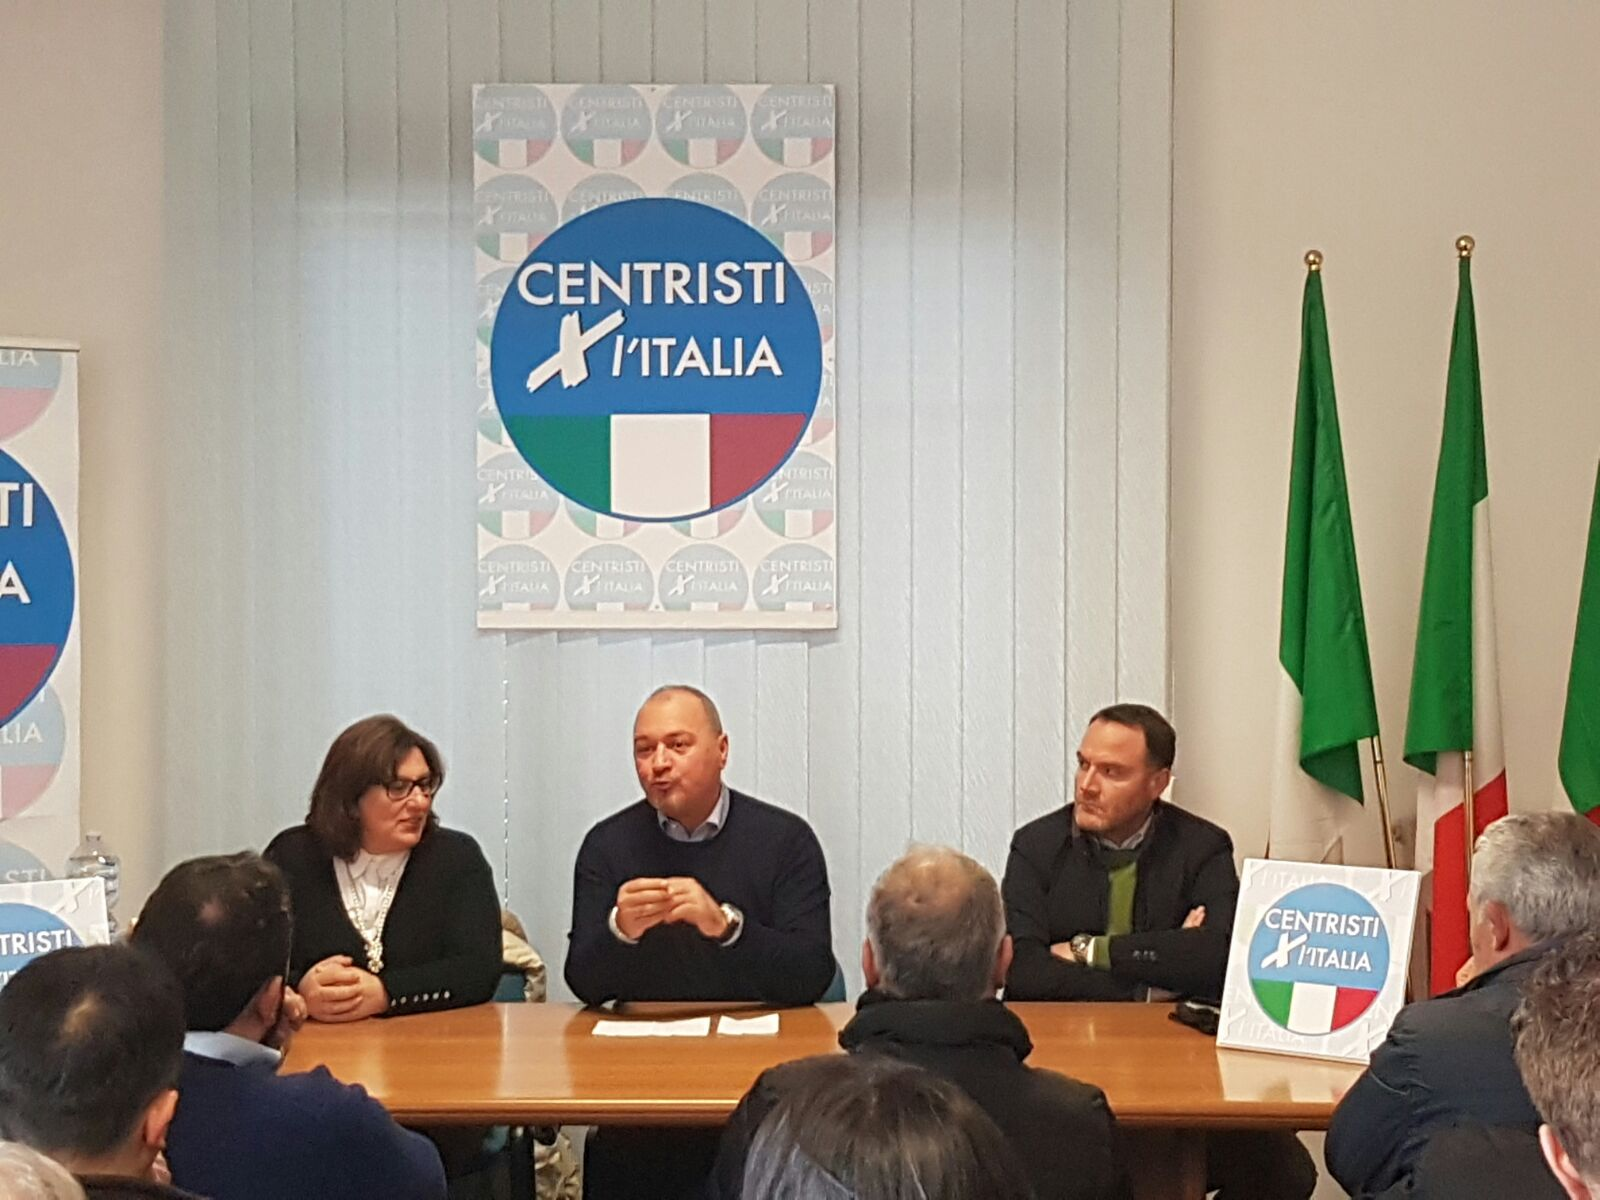 Benevento Centristi per l'Italia, Santamaria completa il traghettamento